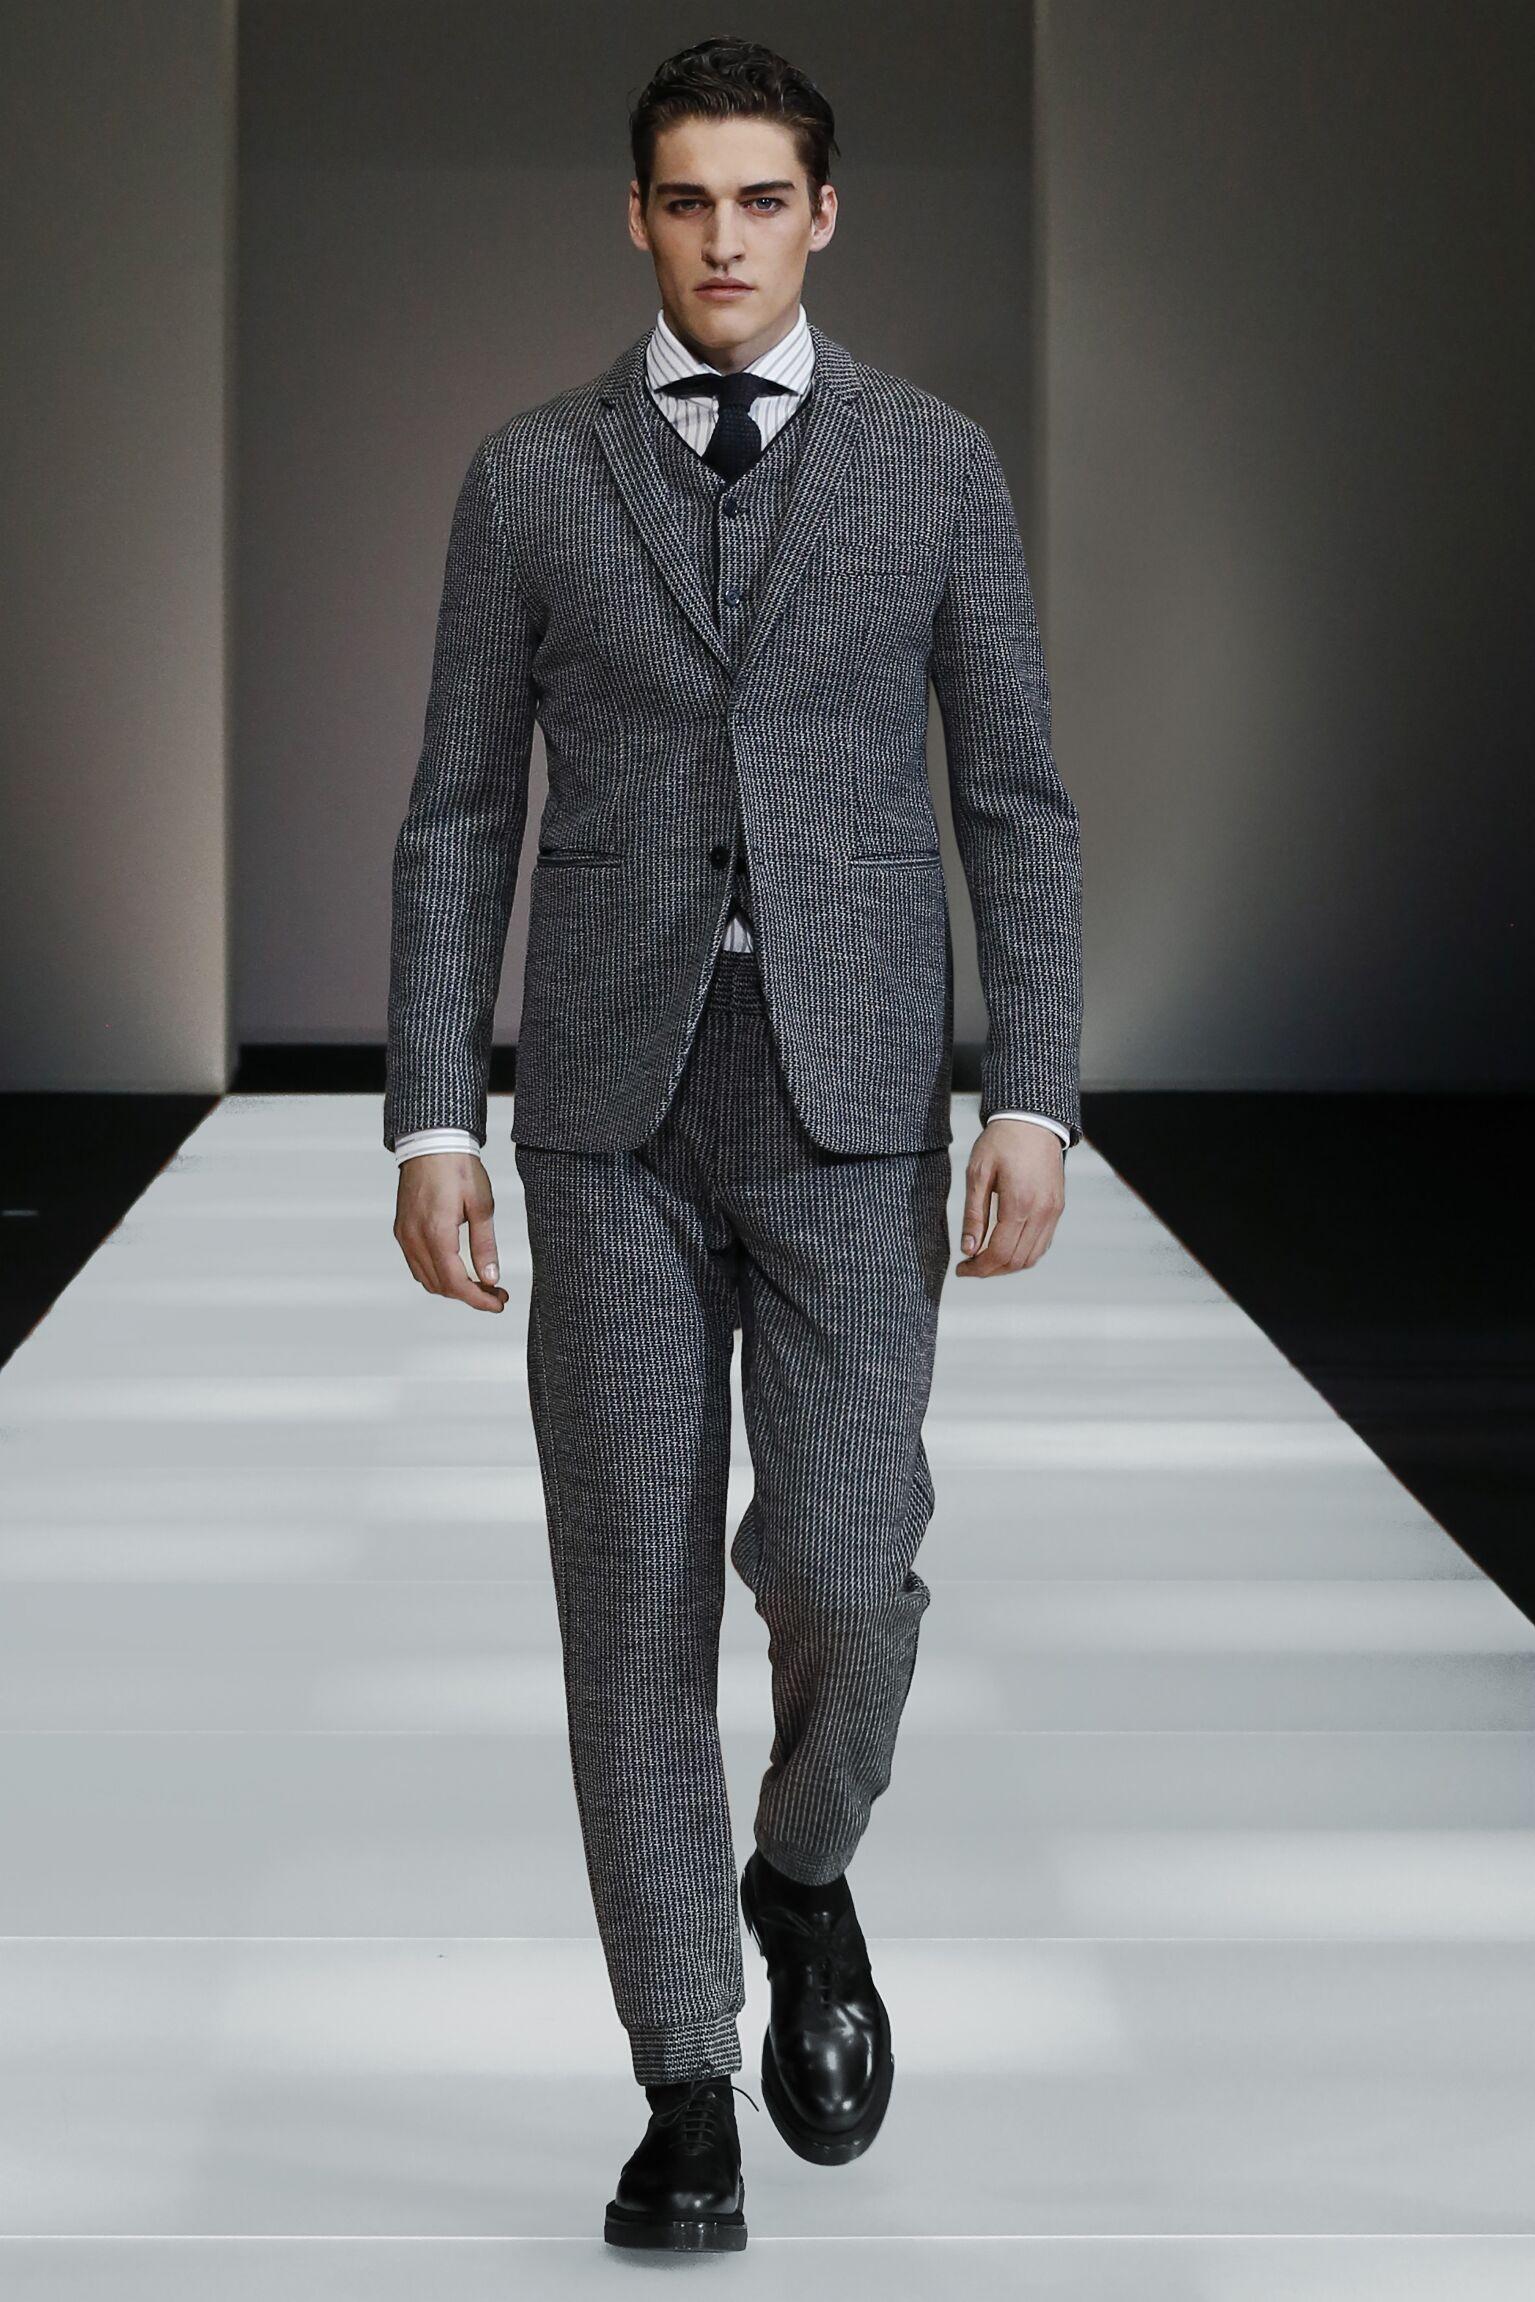 2015 2016 Winter Fashion Trends Emporio Armani Collection